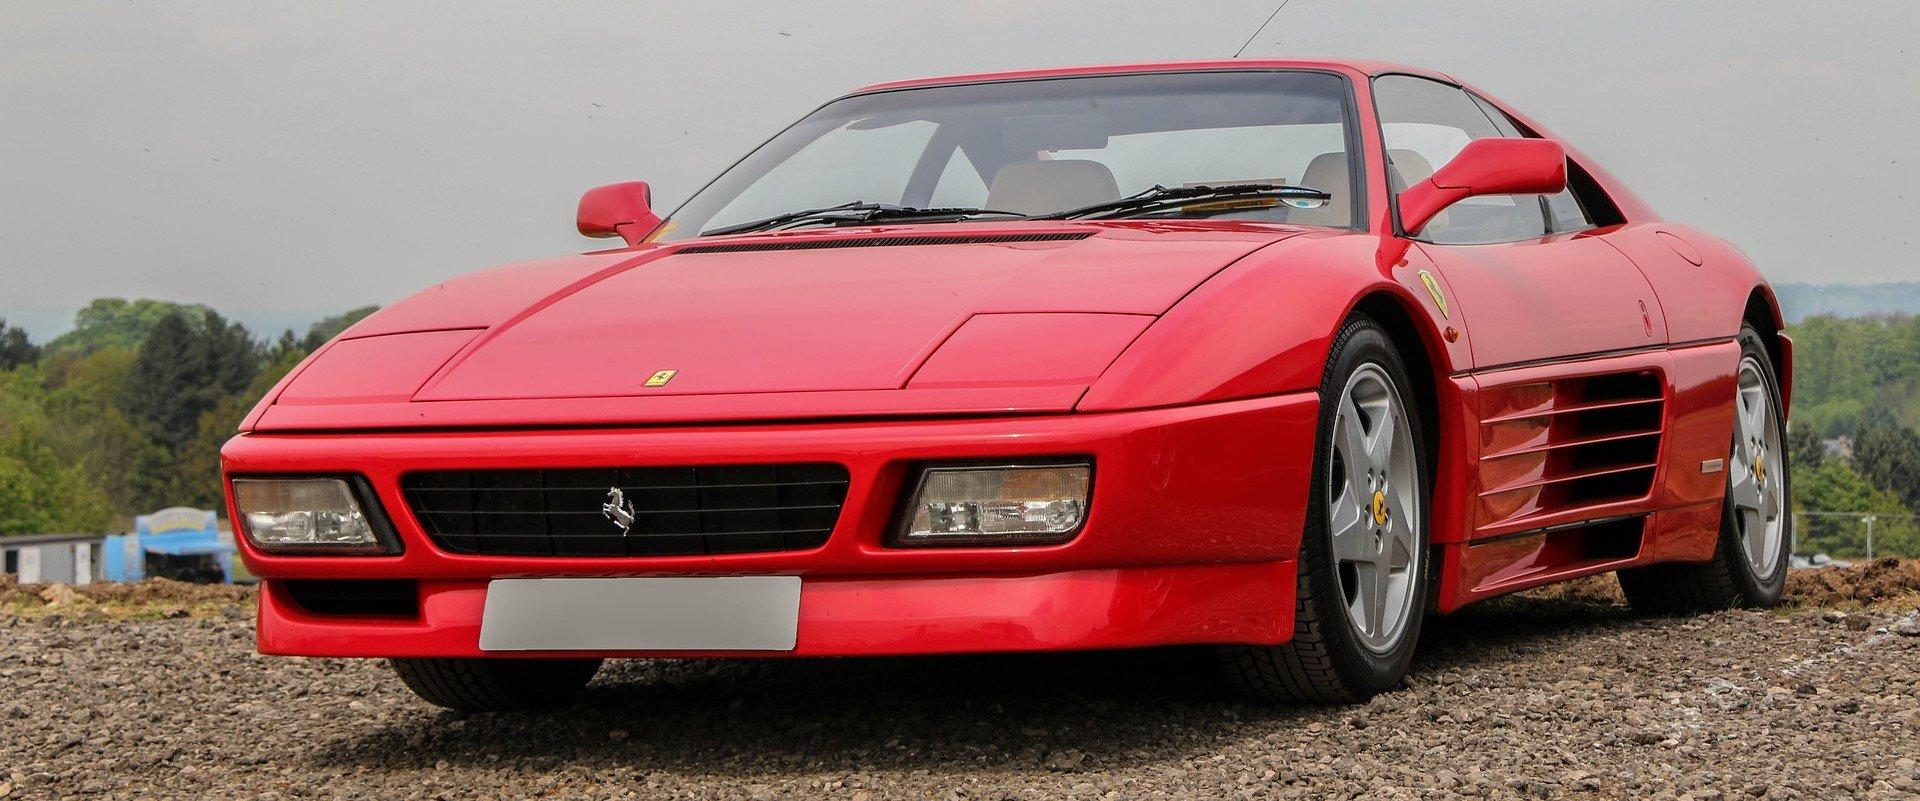 Classic Ferrari in South Carolina - VeteranCarDonations.org